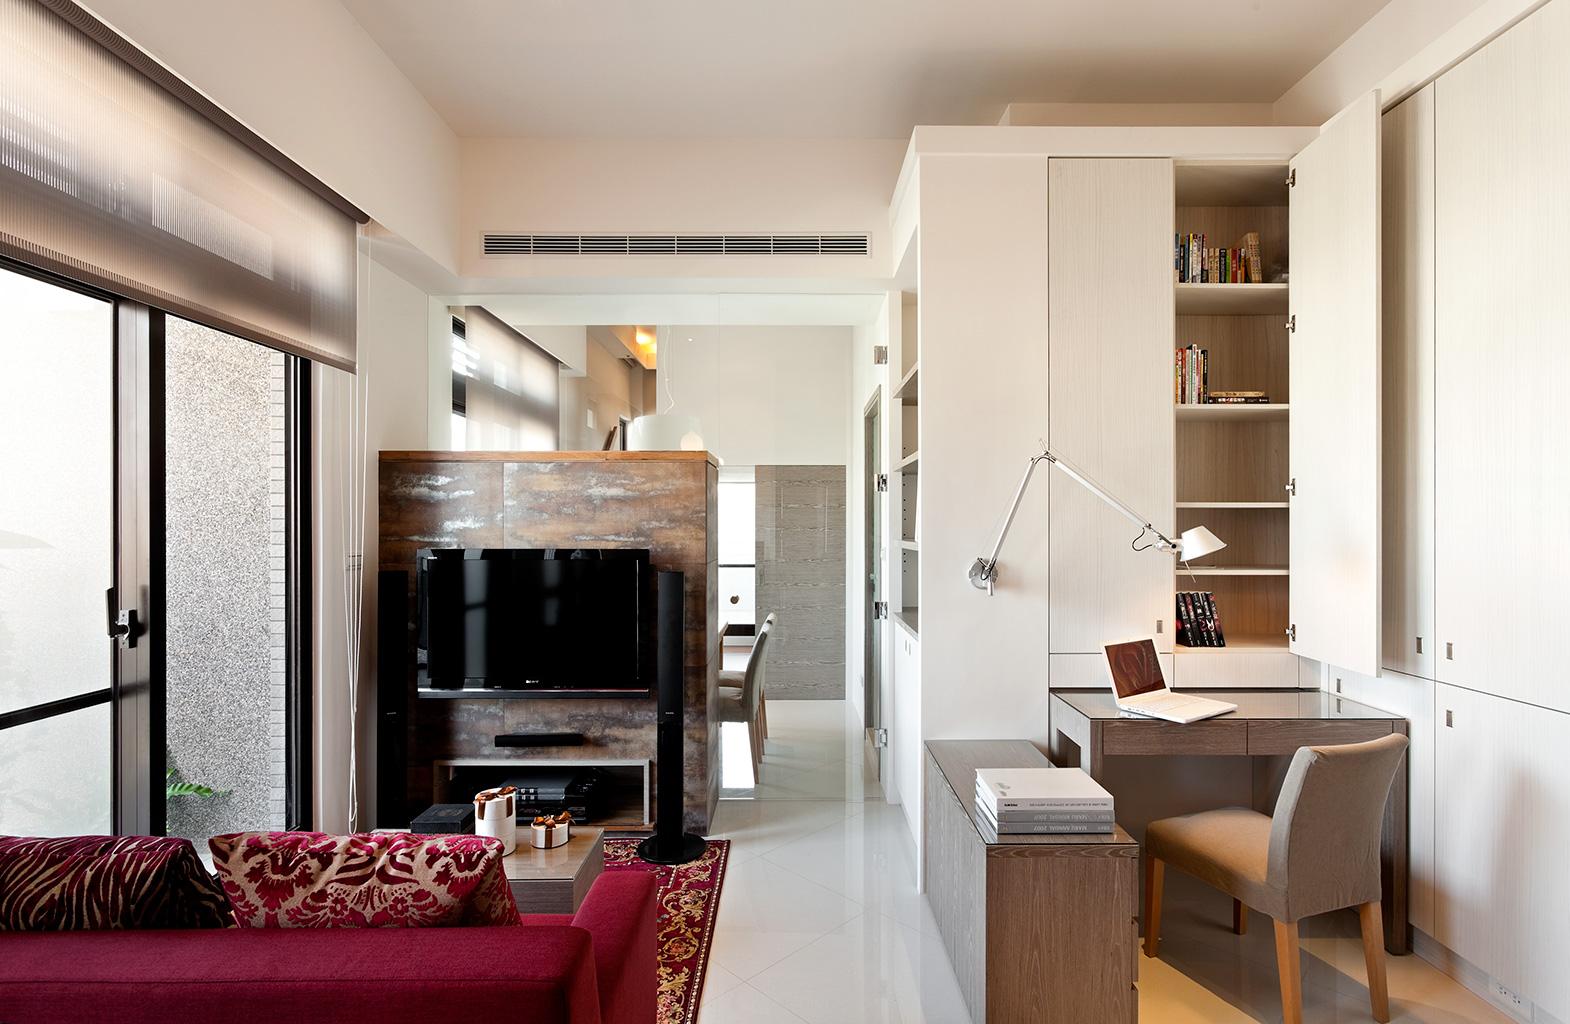 简约风格50平米小户型客厅电视背景墙隔断装修效果图